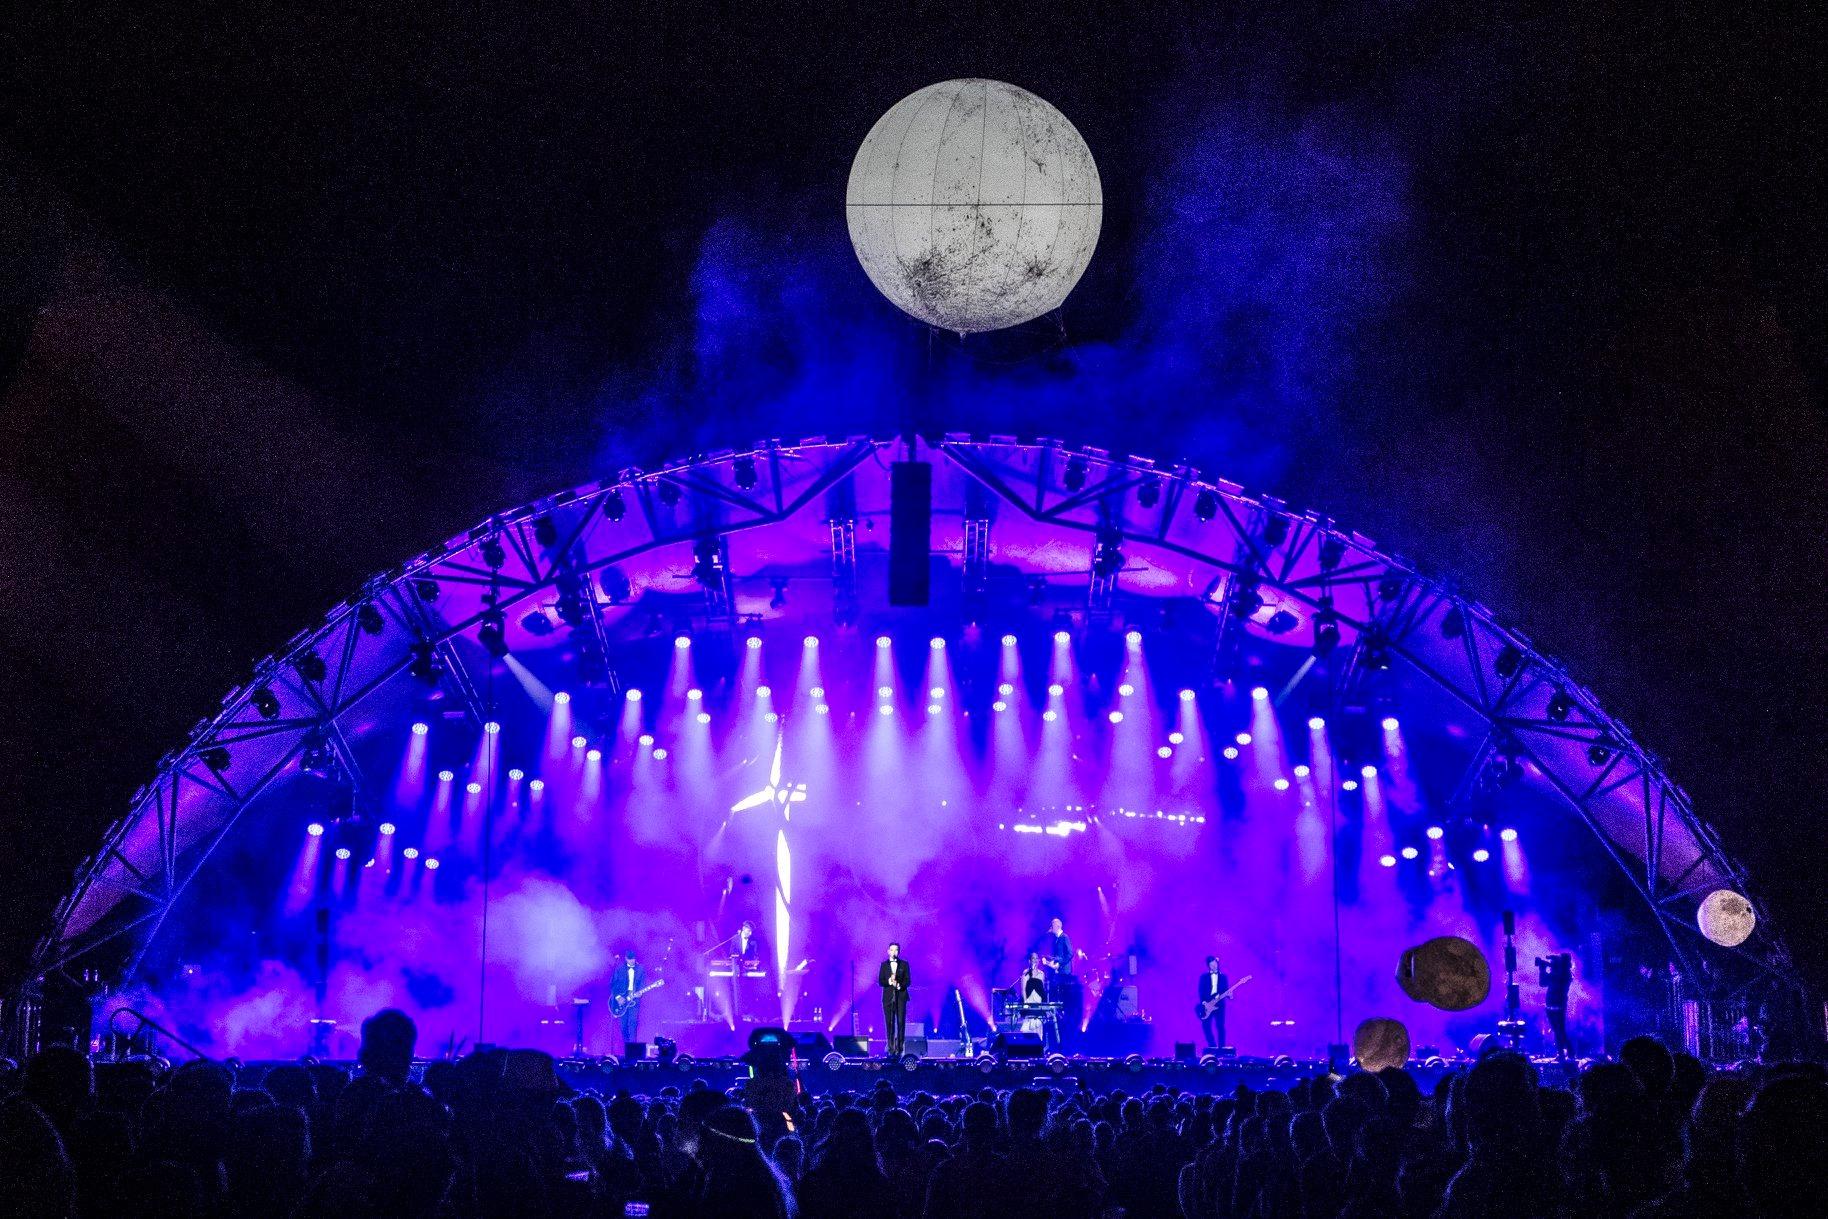 Reklameballon med lys som kæmpe måne ved Roskilde Festival '18